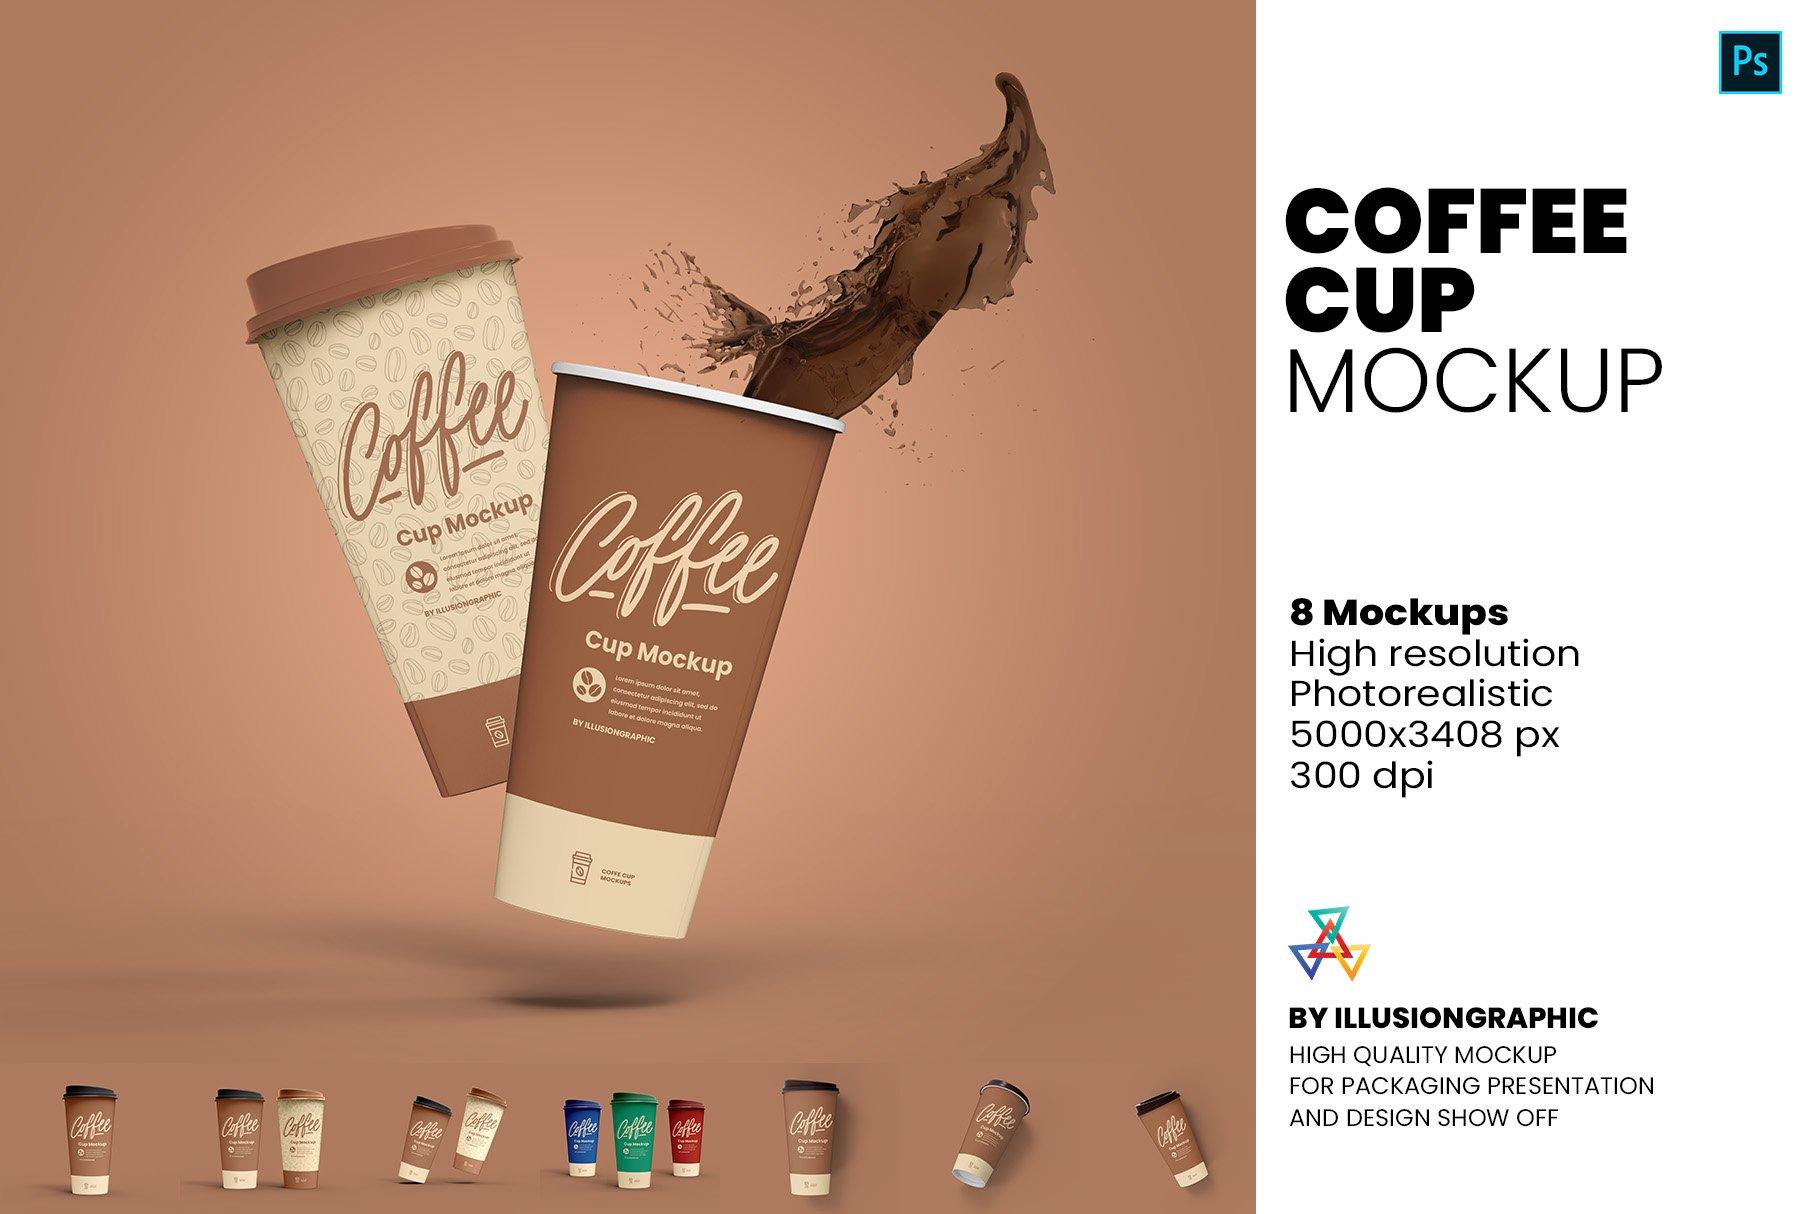 8个一次性咖啡外卖纸杯设计贴图样机模板 Coffee Cup Mockup – 8 views插图